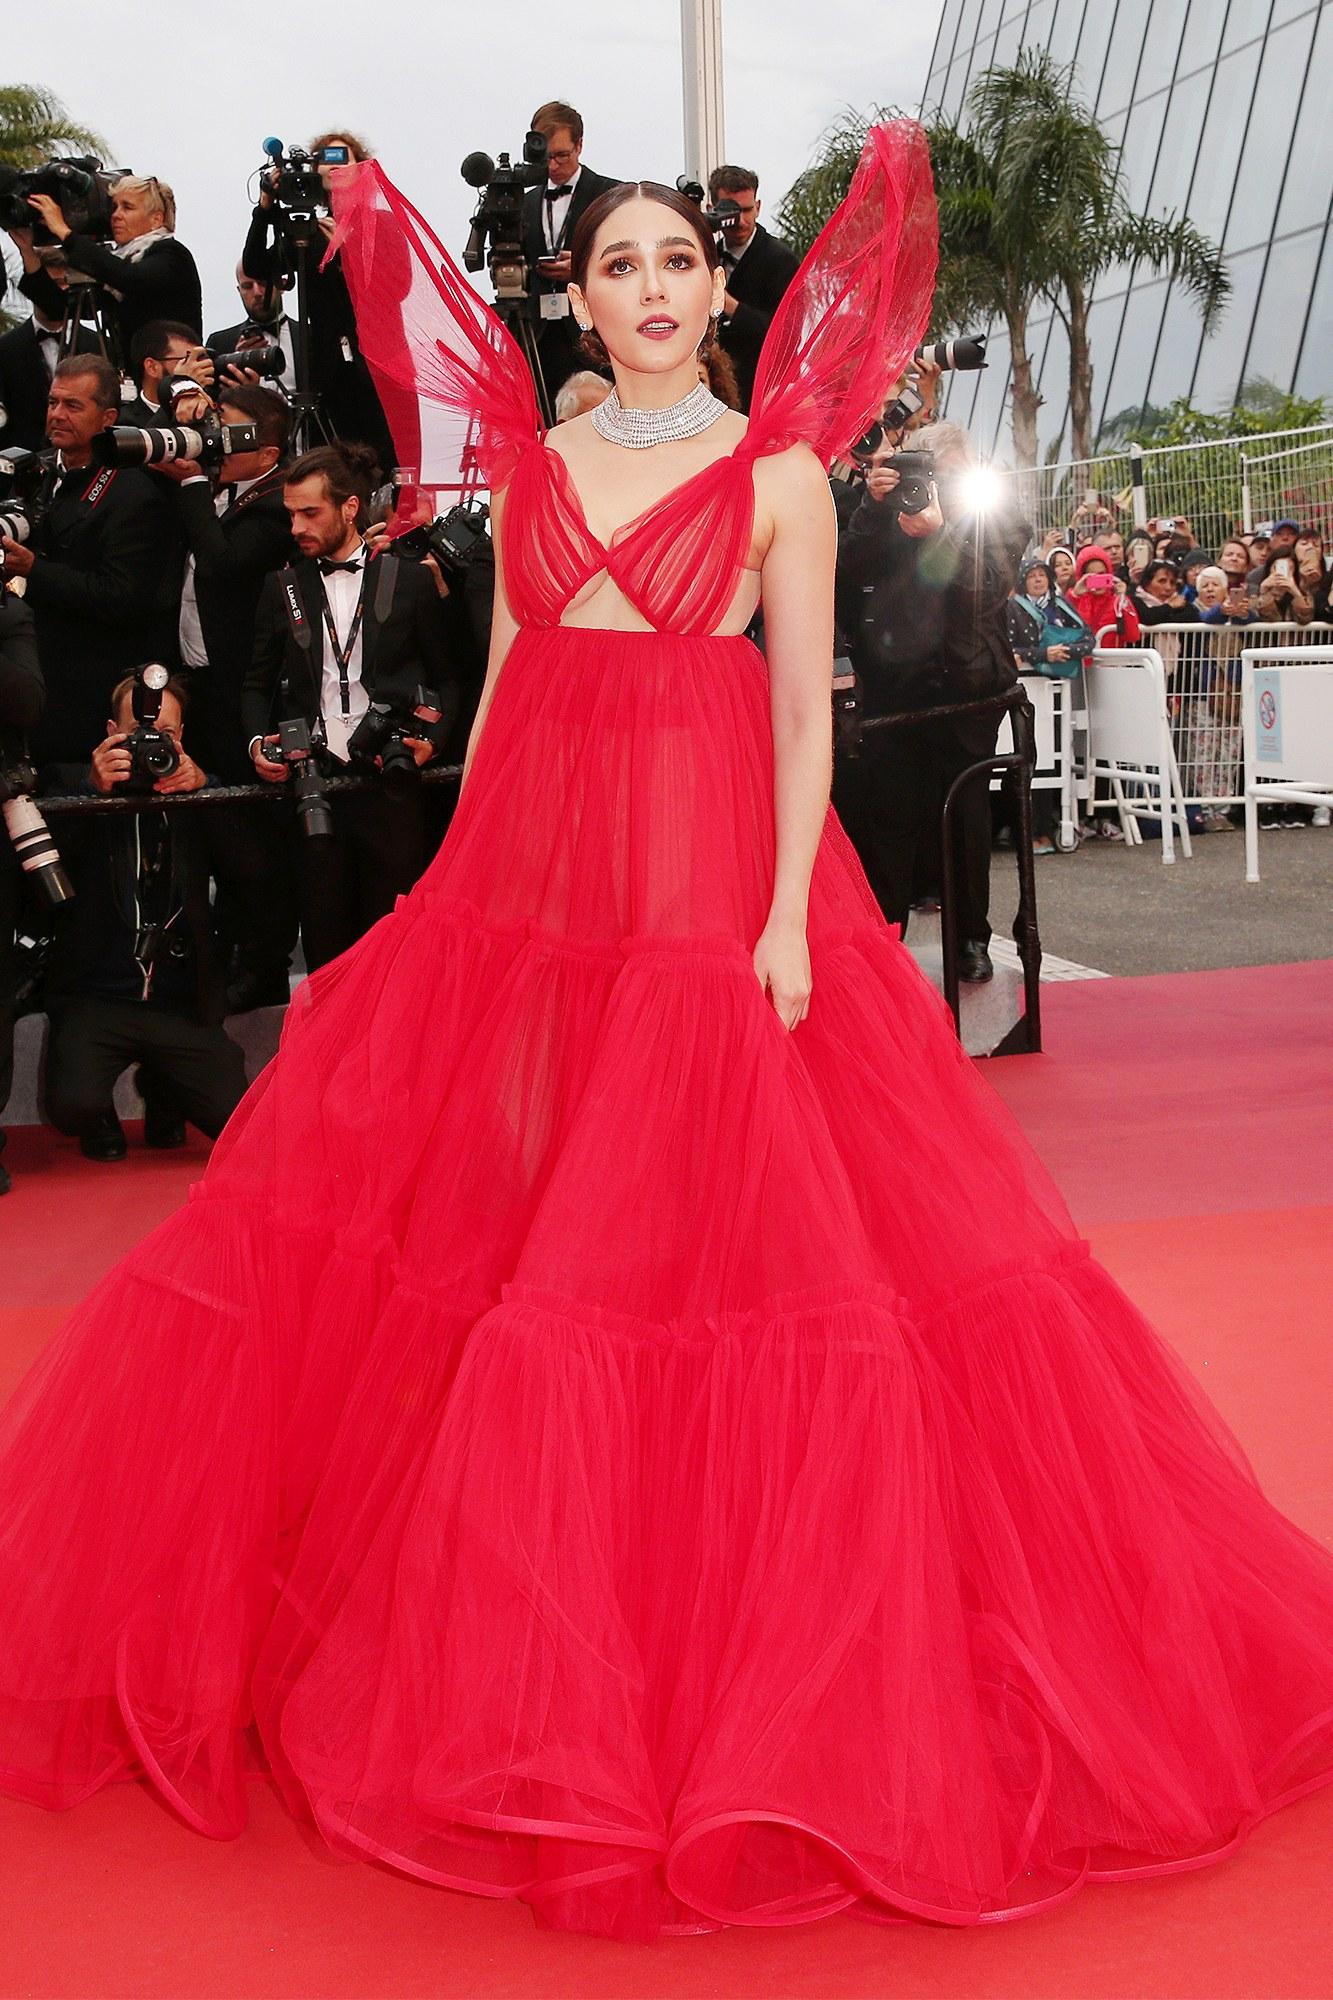 nữ diễn viên Thái Lan Chompoo Araya diện đầm dạ hội đỏ rực tại buổi công chiếu Pain and Glory thảm đỏ Cannes 2019